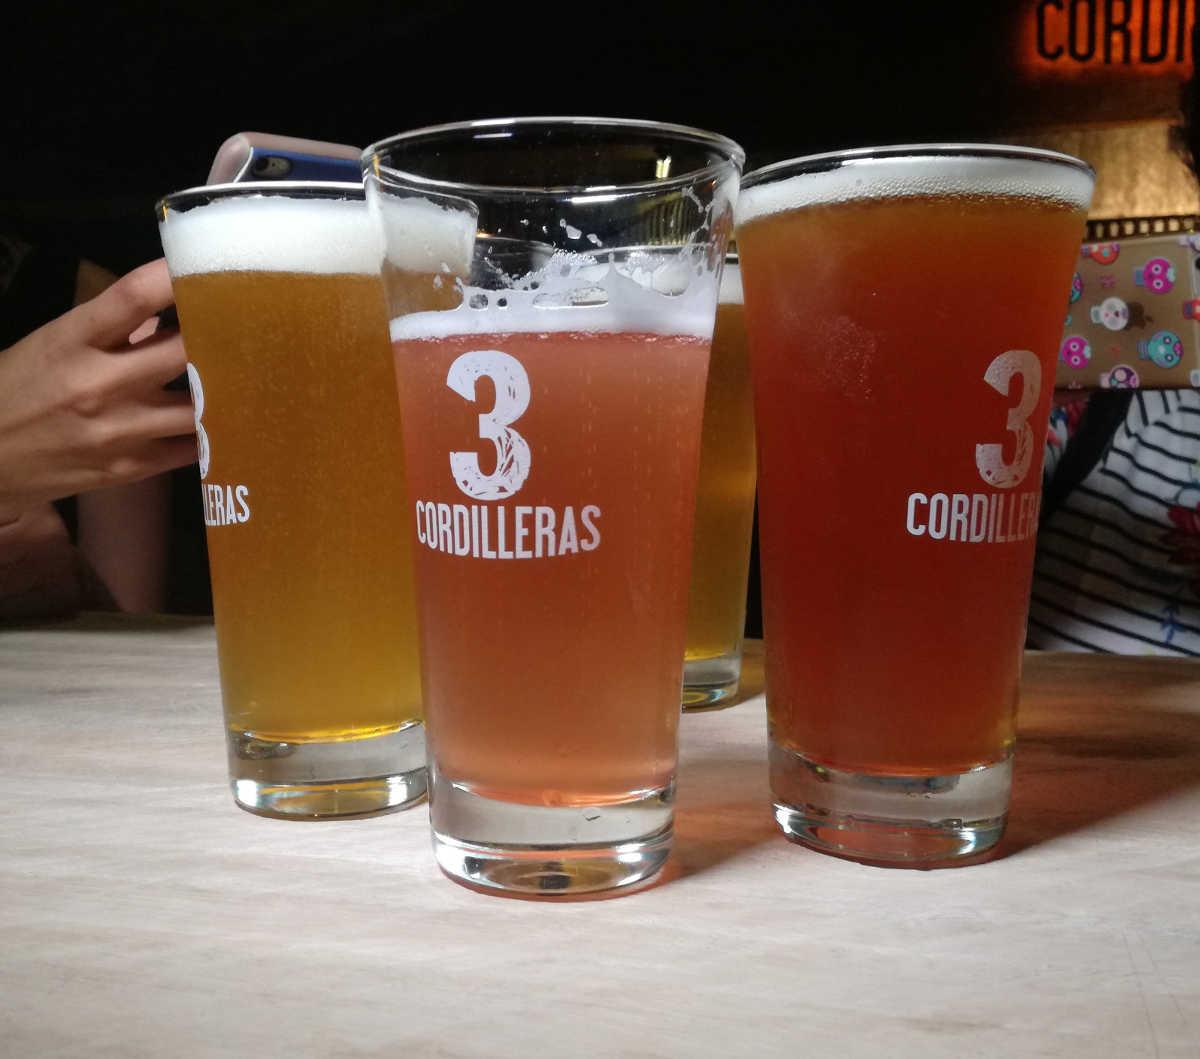 Tres Cordilleras